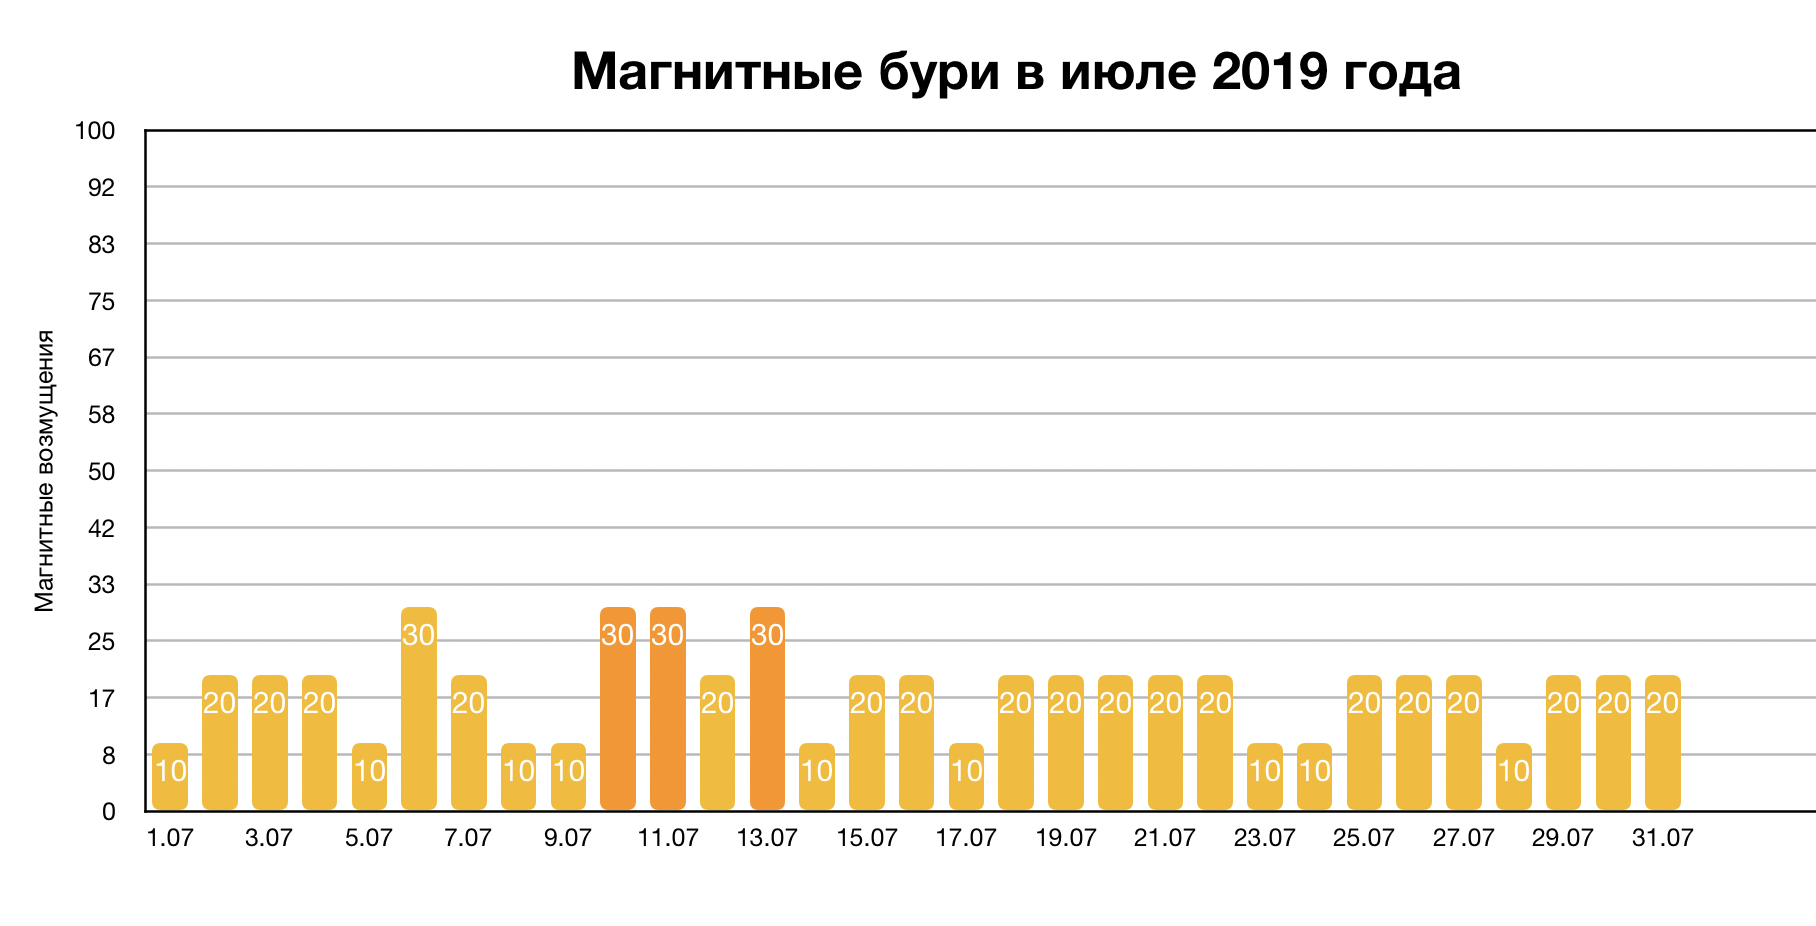 Магнитные бури в июле 2019 года: прогноз на месяц